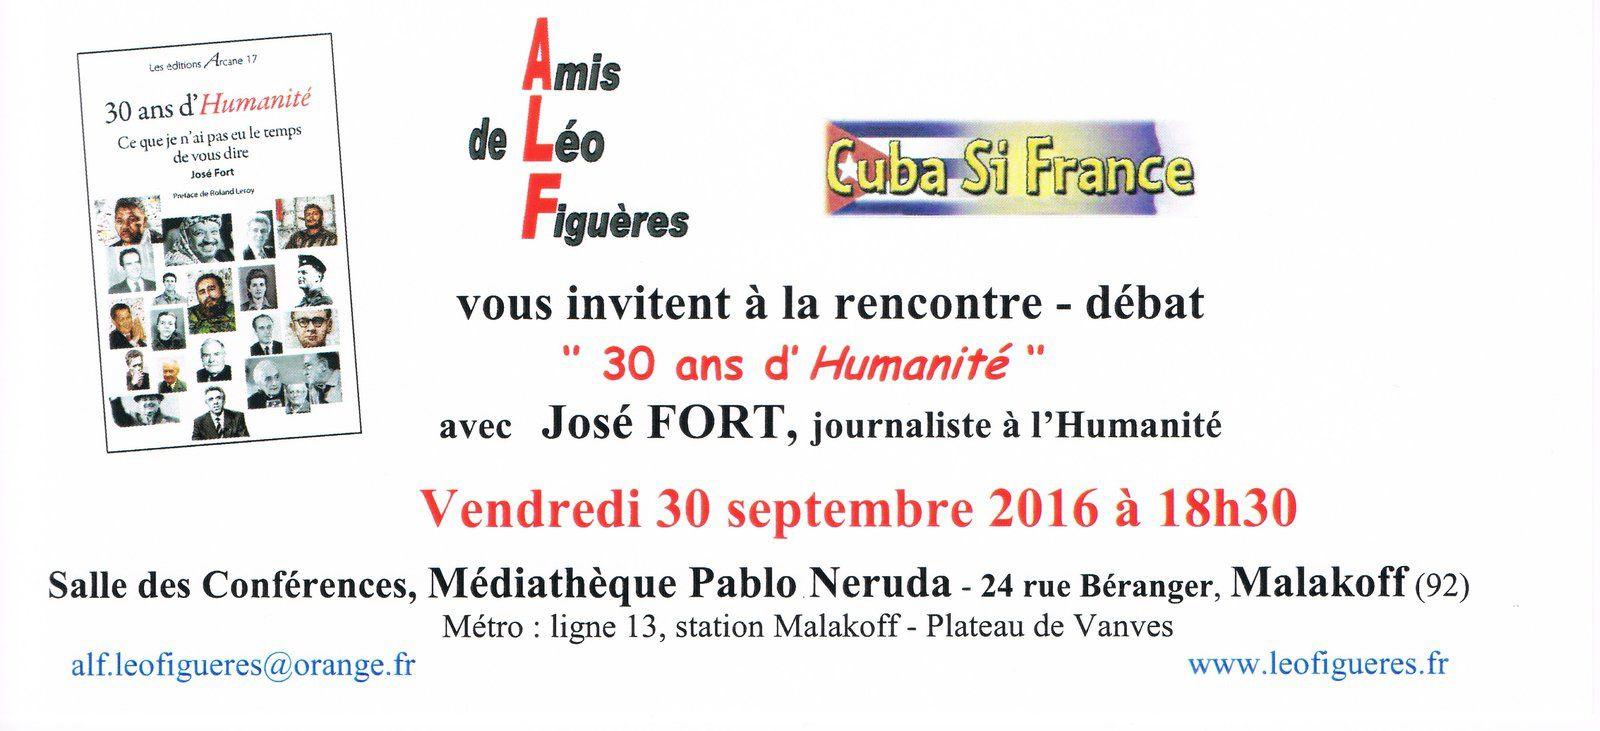 Amis de Léo Figuères: l'Humanité